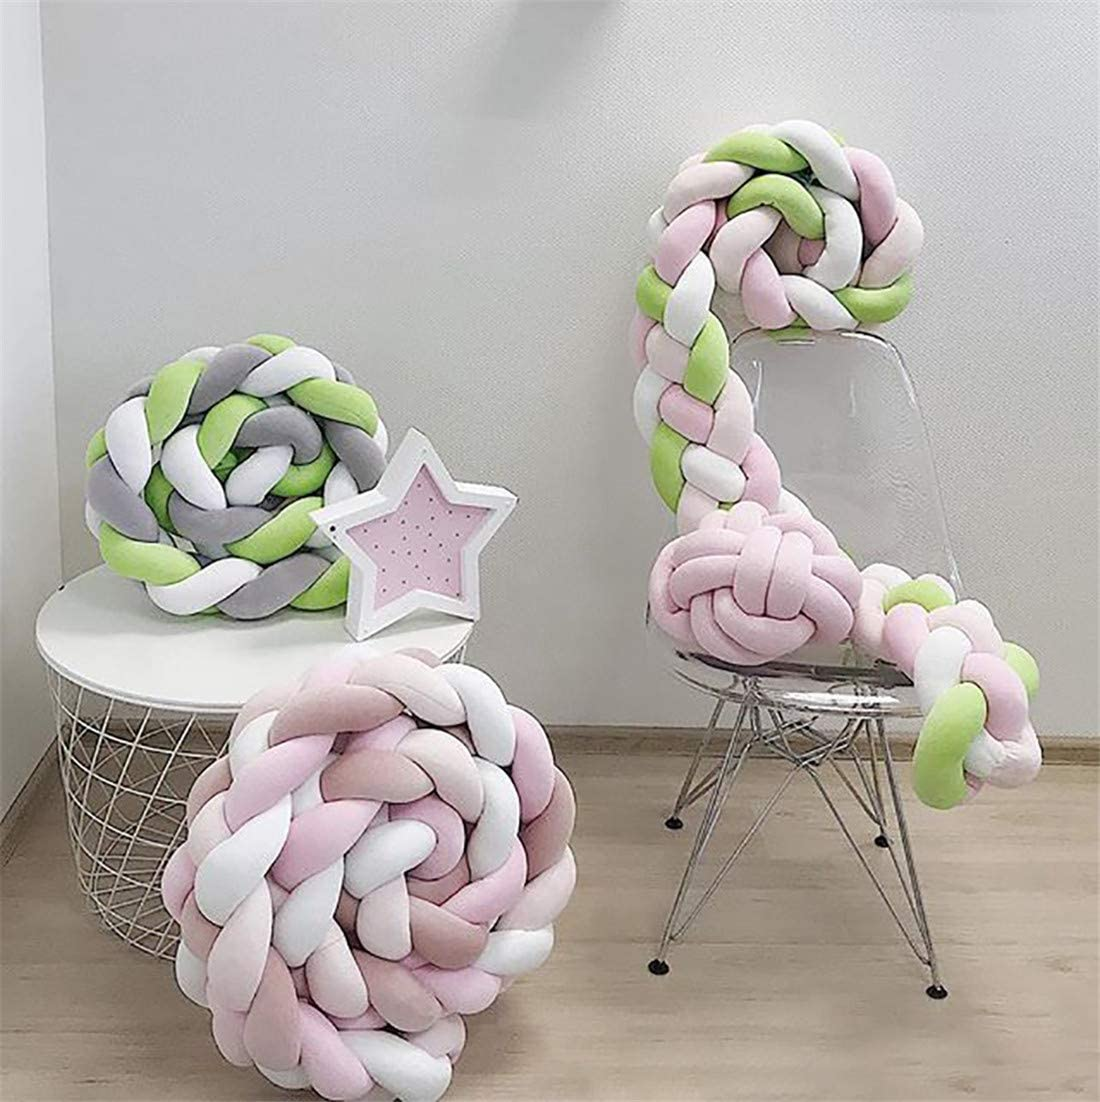 Blanc + Poudre + Rose Clair,300cm XZYB Tour de Lit 2m//3m B/éb/é Coussin Serpent Coussin Tress/é Pare-Chocs Velours B/éb/é Protection Chambre D/écor